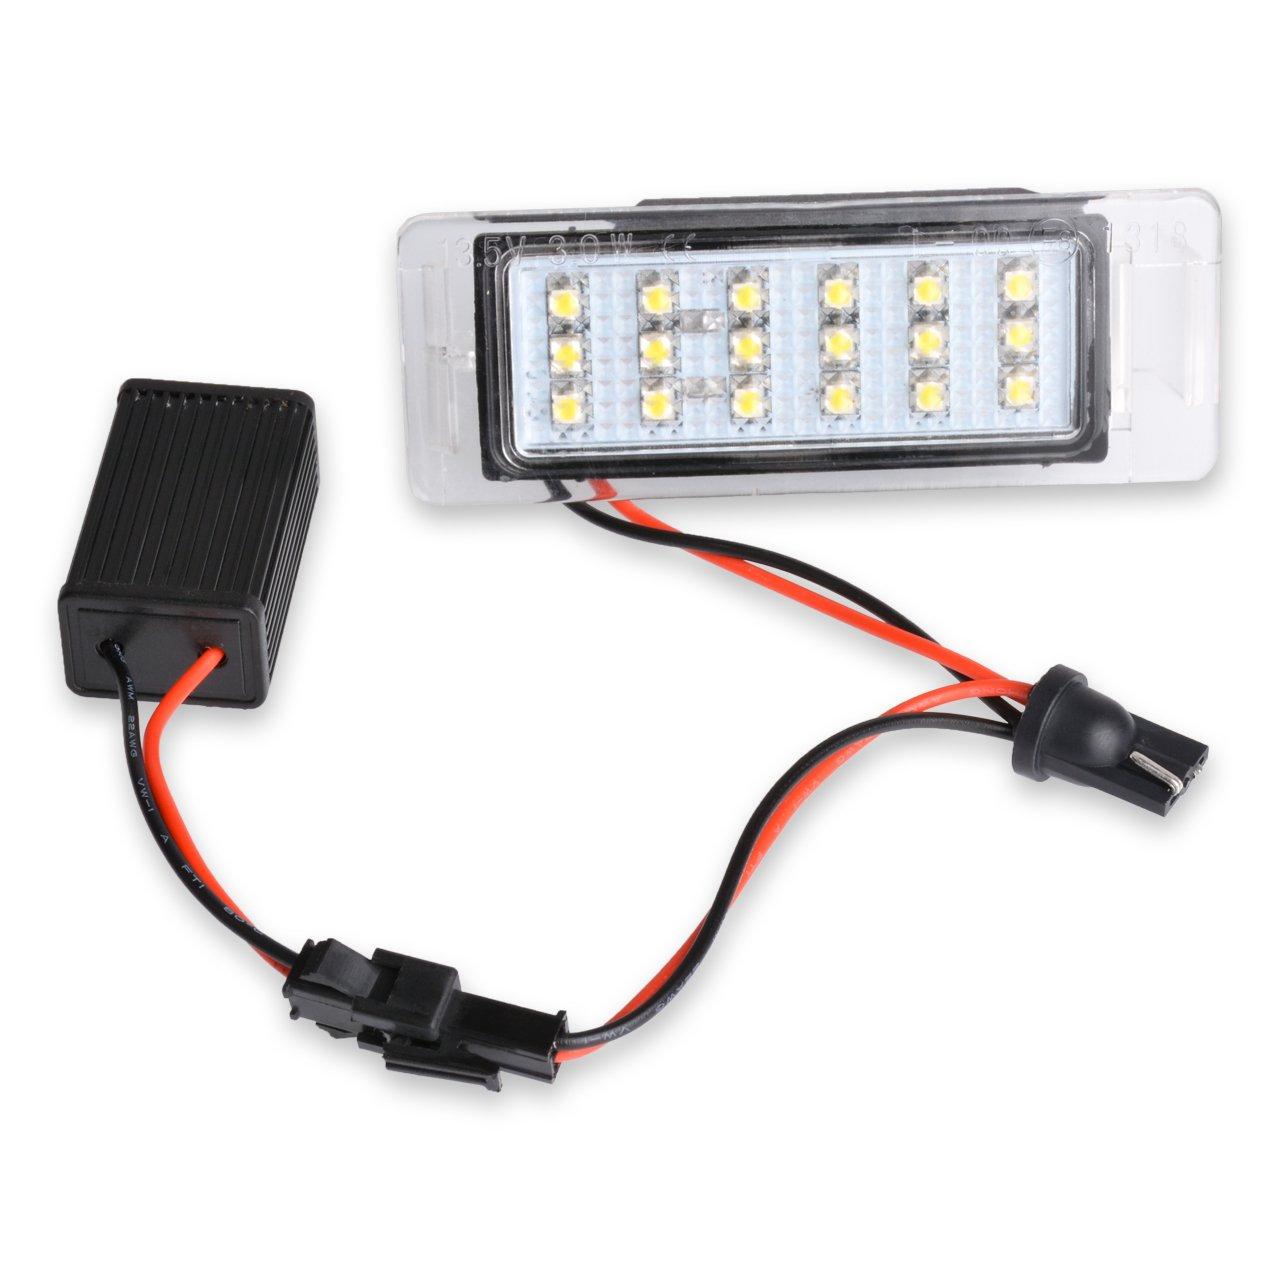 12-14.5 V 2 W Ngcat 1 paire 18smd LED Canbus lumi/ère de plaque dimmatriculation lampe de plaque dimmatriculation arri/ère de voiture Trunk commutateur Bouton Car Styling